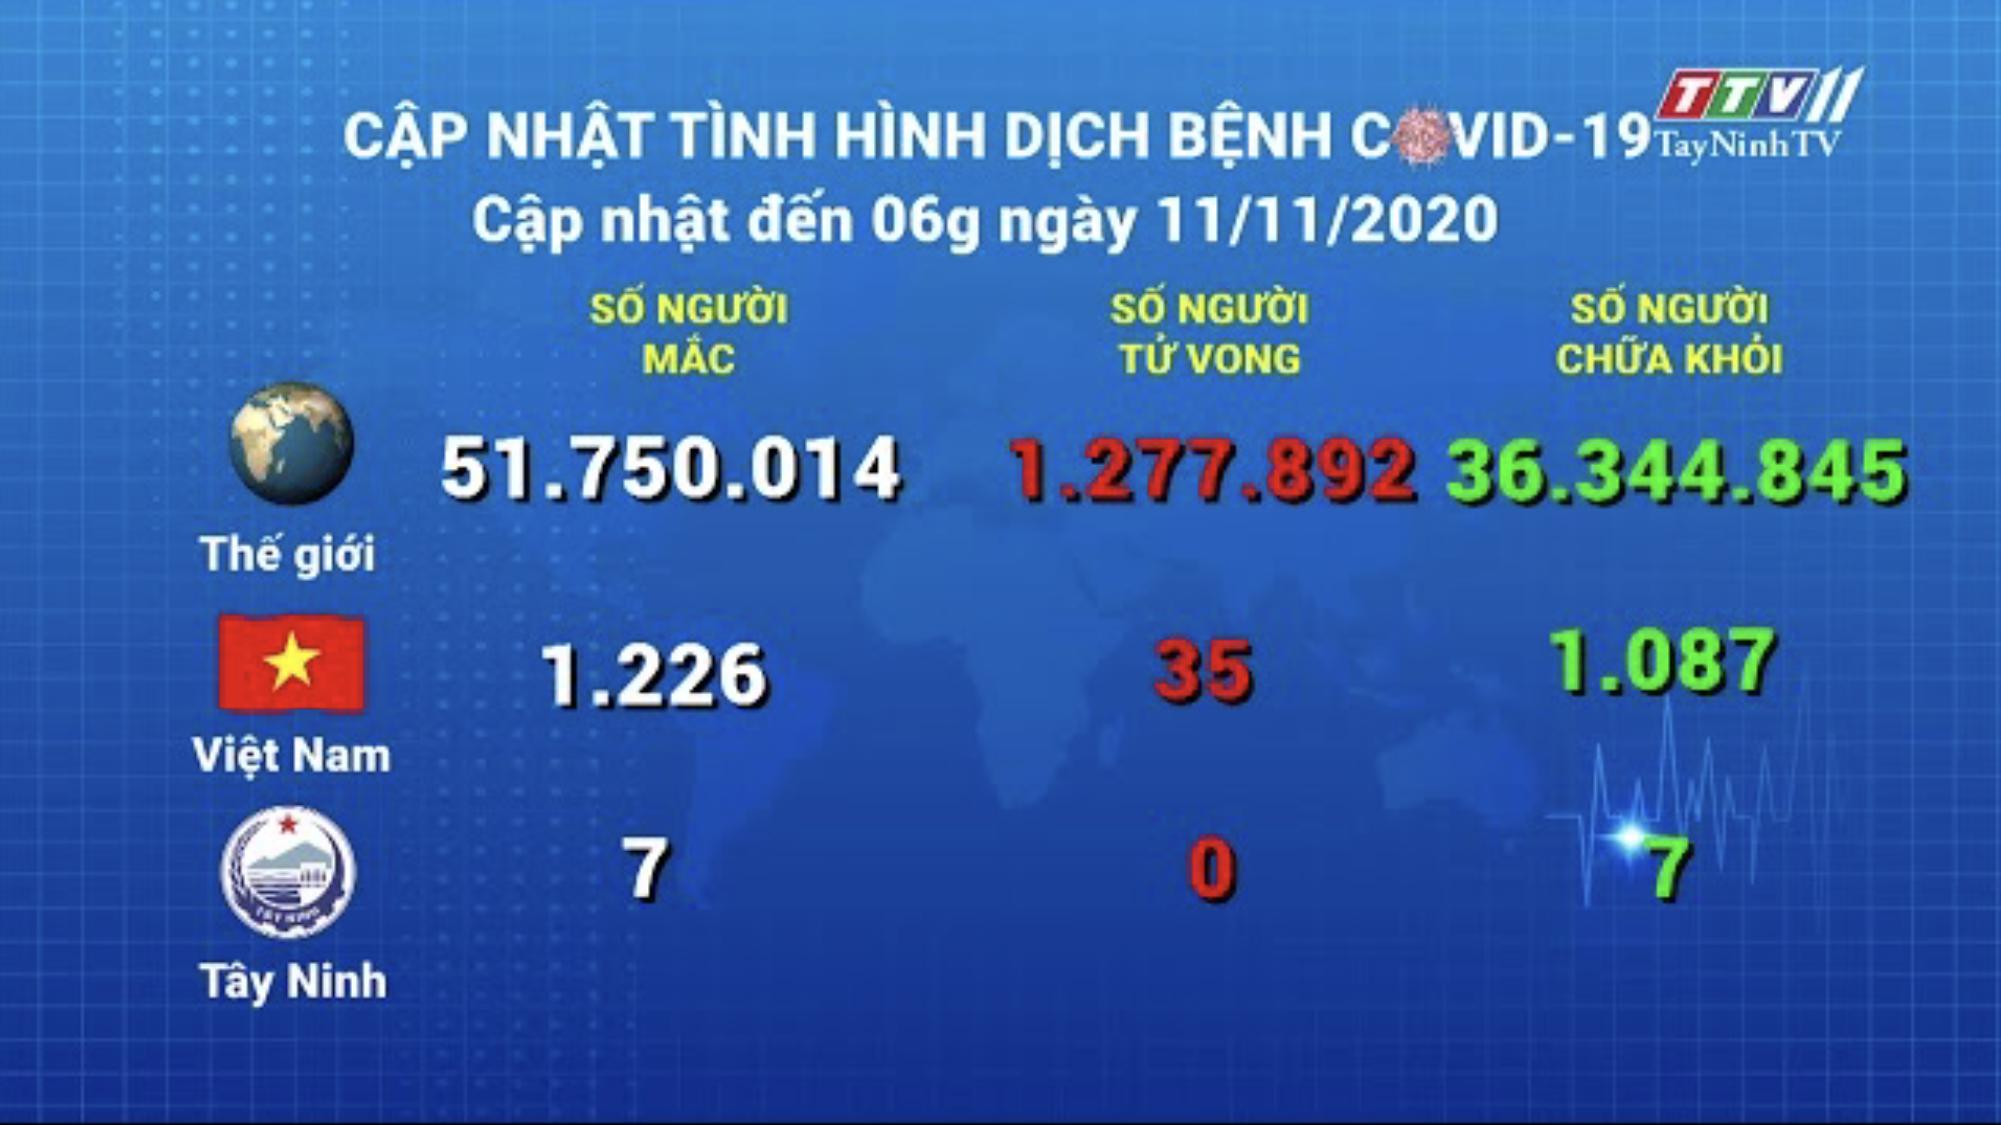 Cập nhật tình hình Covid-19 vào lúc 06 giờ 11-11-2020 | Thông tin dịch Covid-19 | TayNinhTV